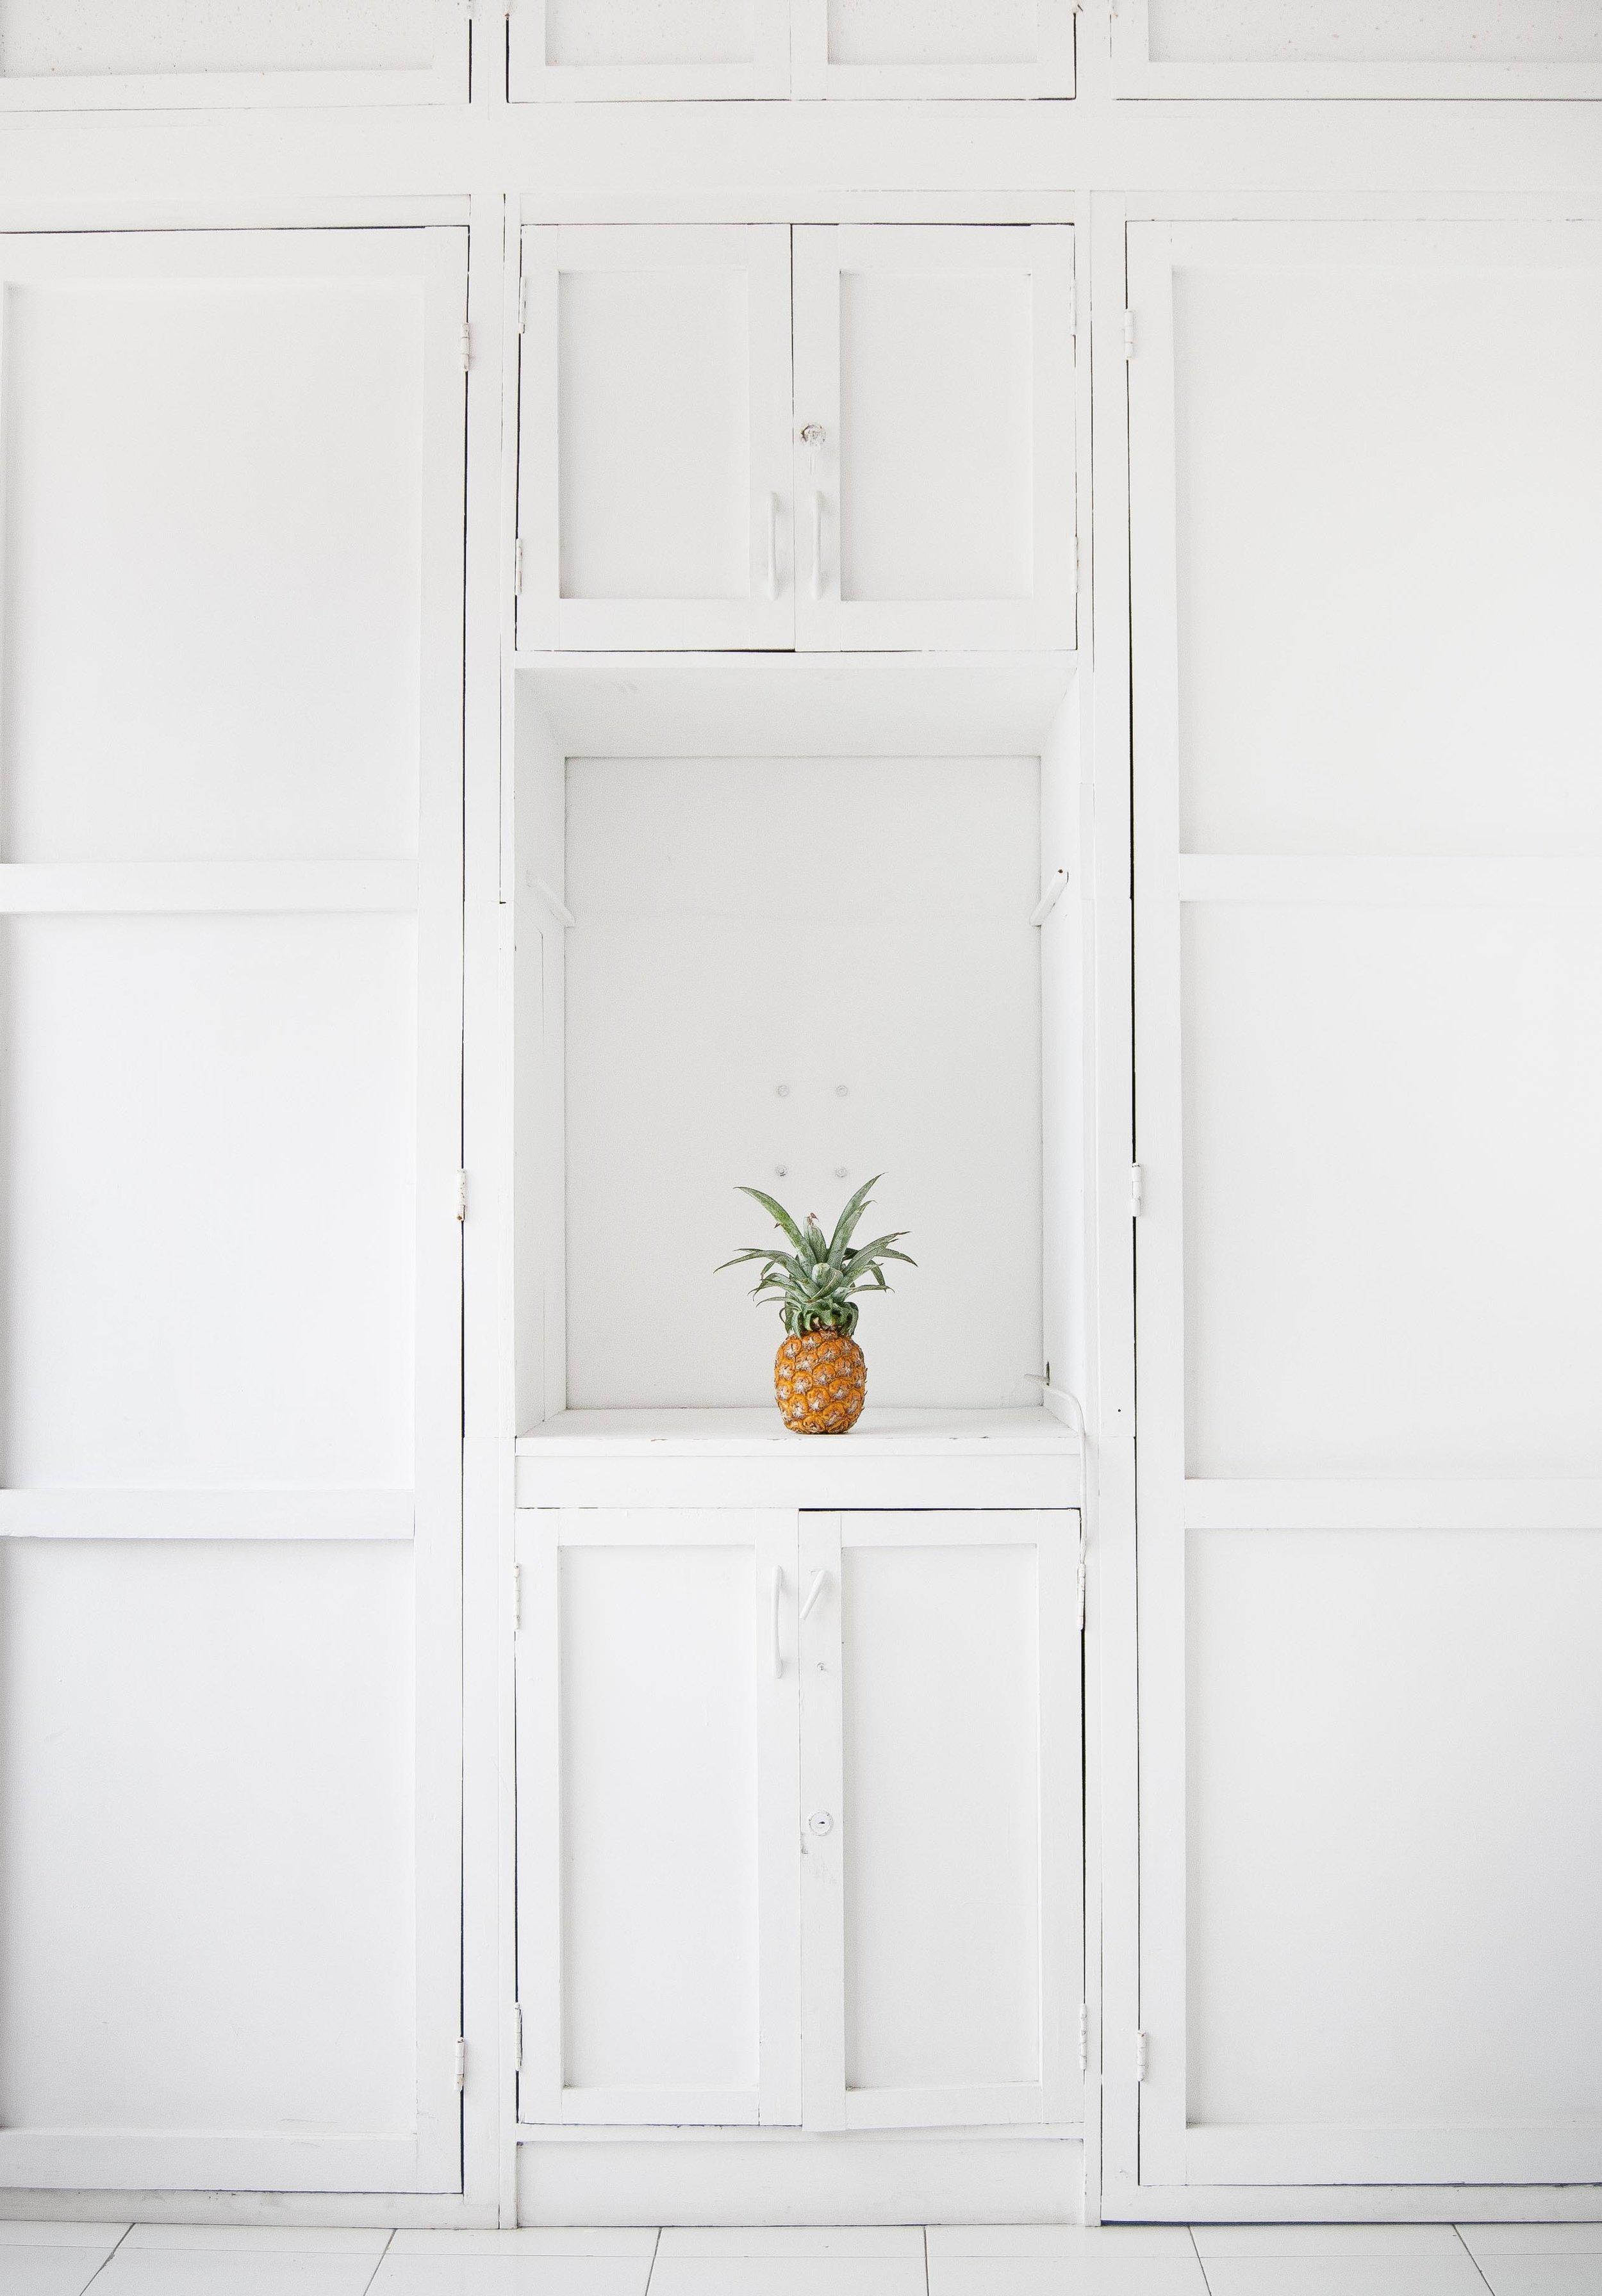 pinacolada.jpg